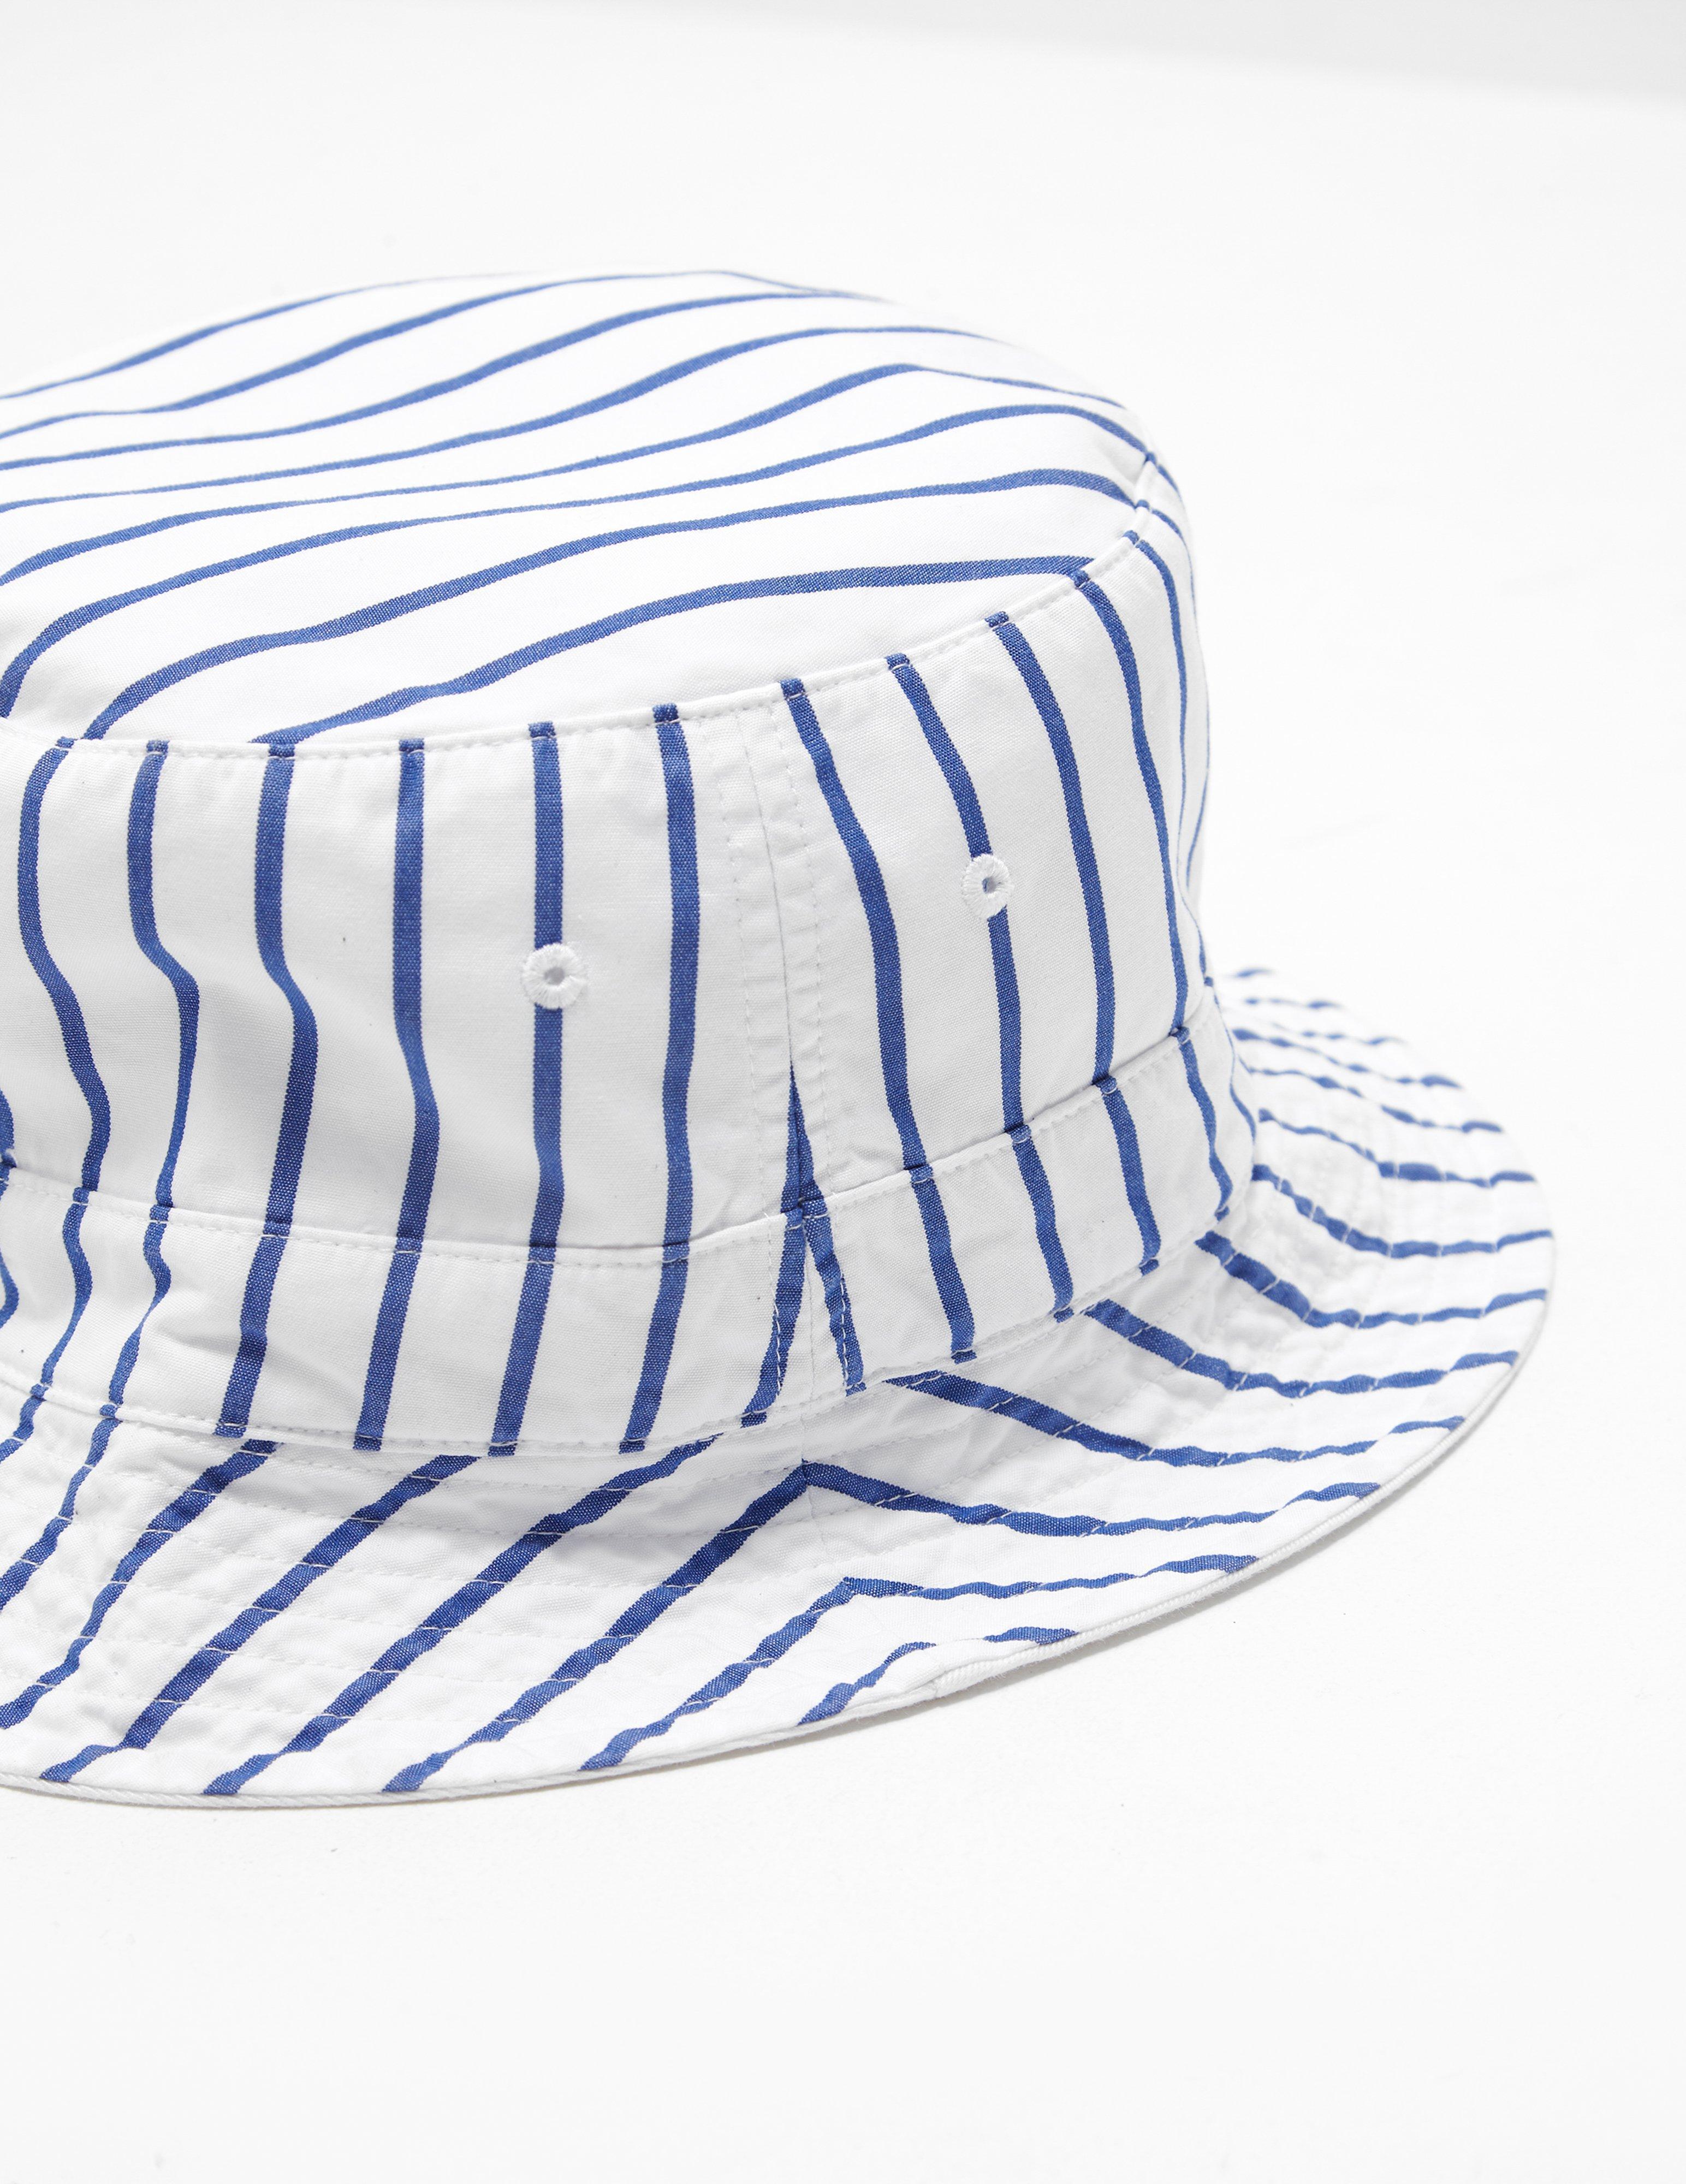 b447f5709cfb1 Polo Ralph Lauren - Bear Reversible Bucket Hat White for Men - Lyst. View  fullscreen